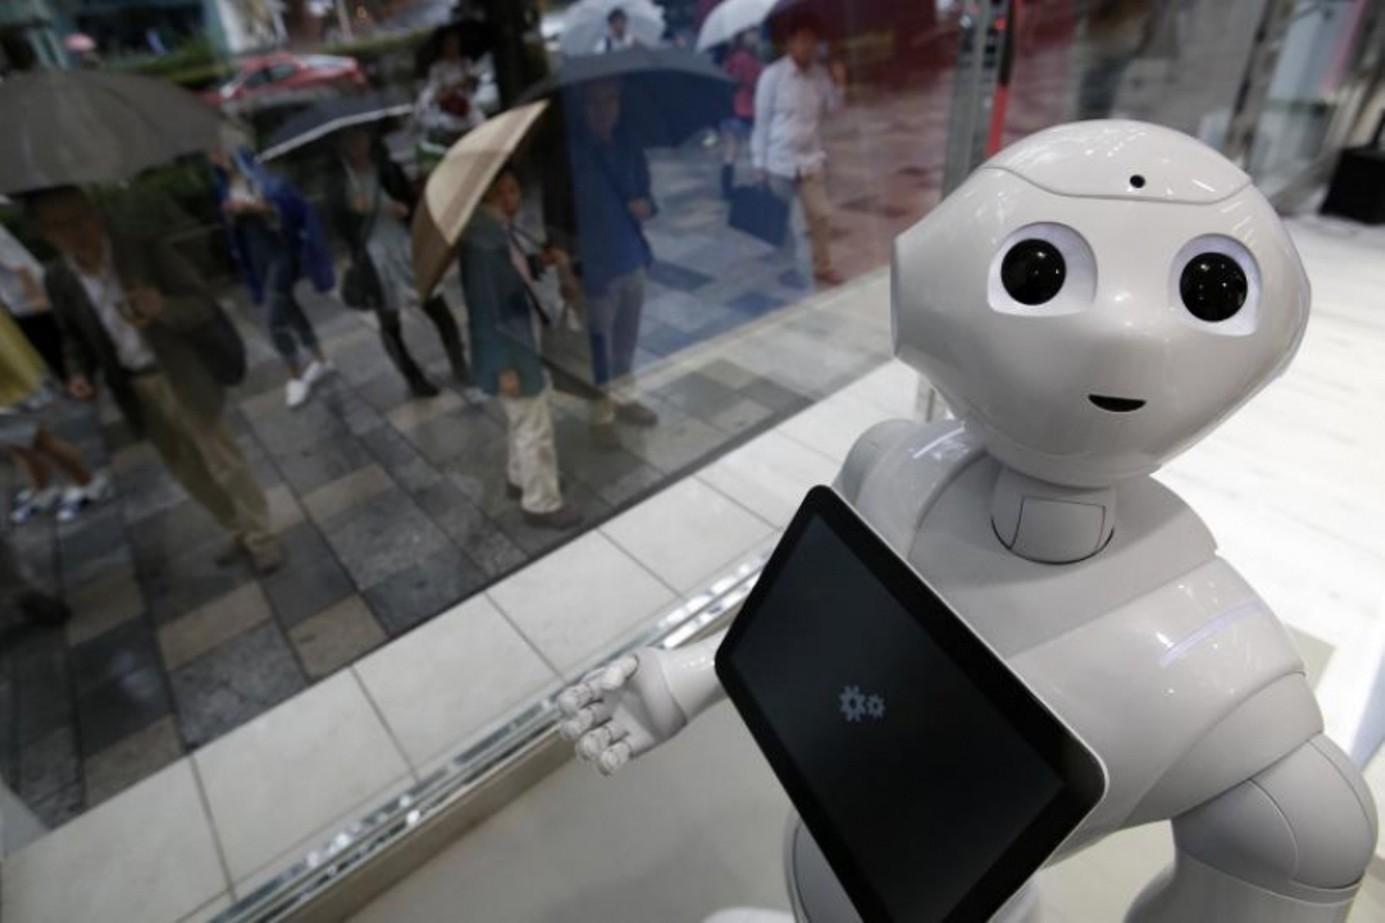 ВЯпонии выбрали место проведения Всемирного саммита роботов